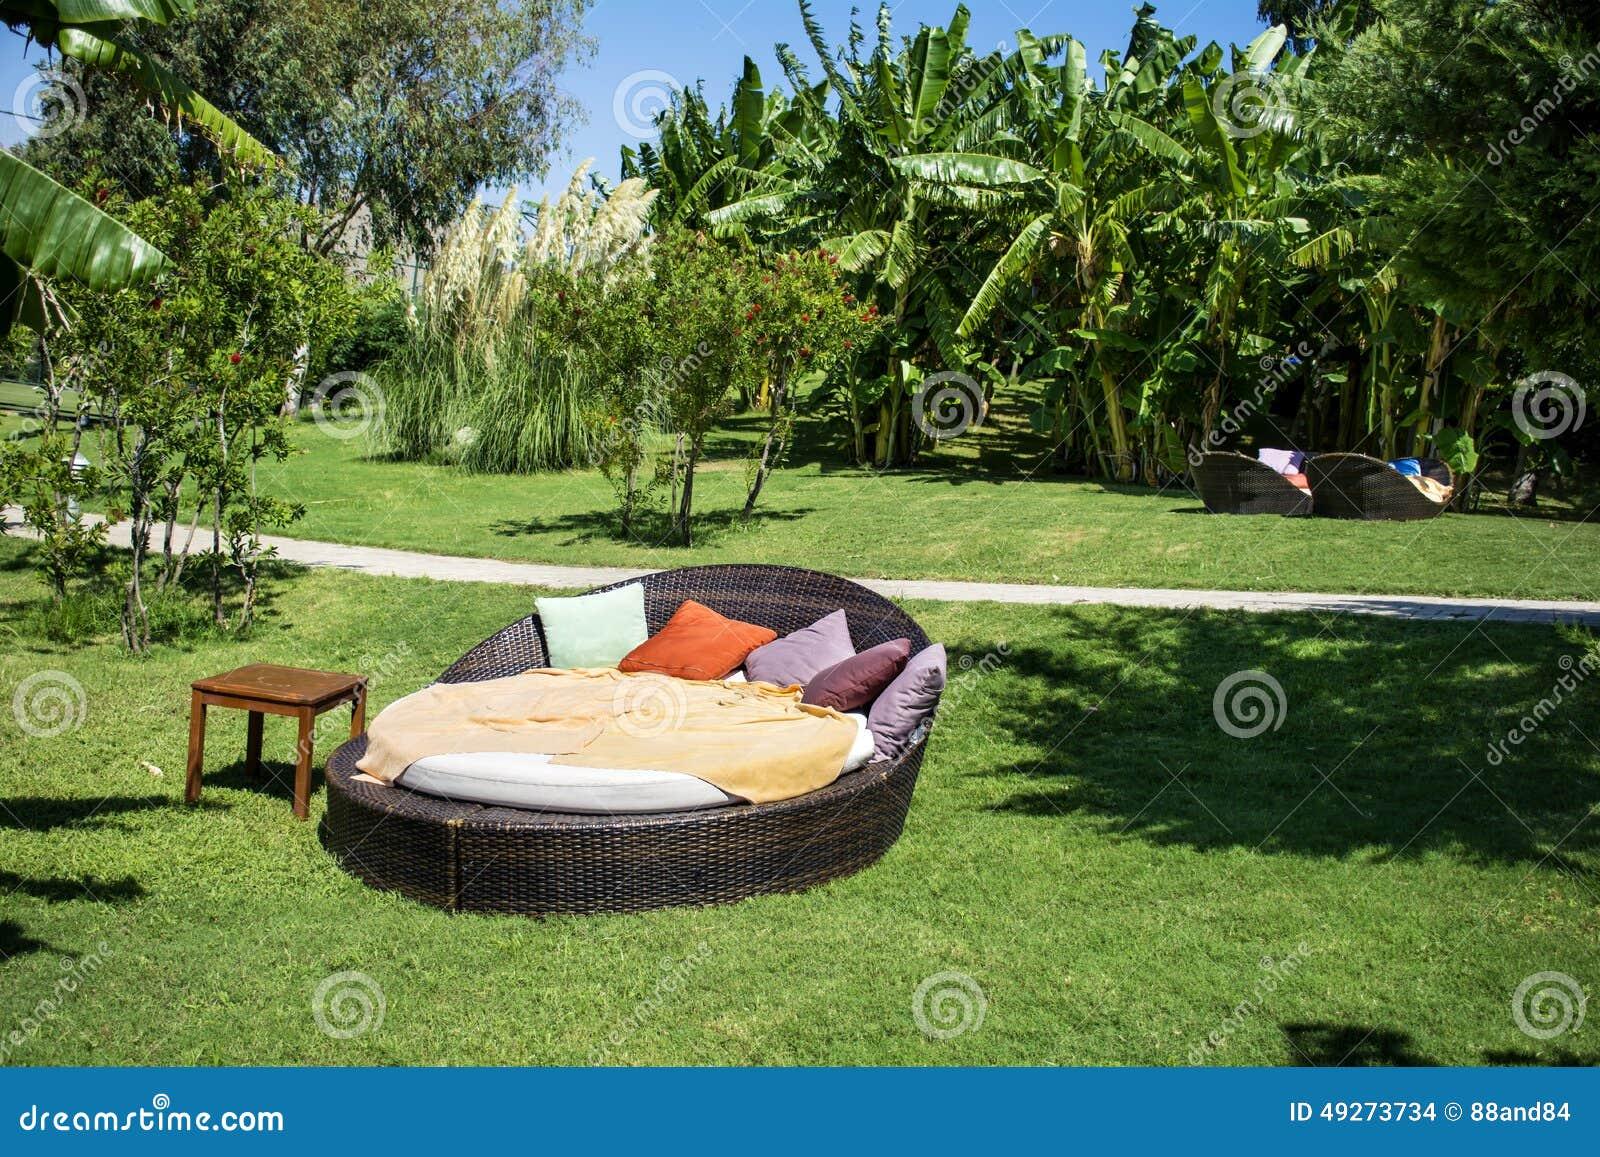 Lit Pliant De Salon Dans Un Jardin Exotique Vert Photo stock ...